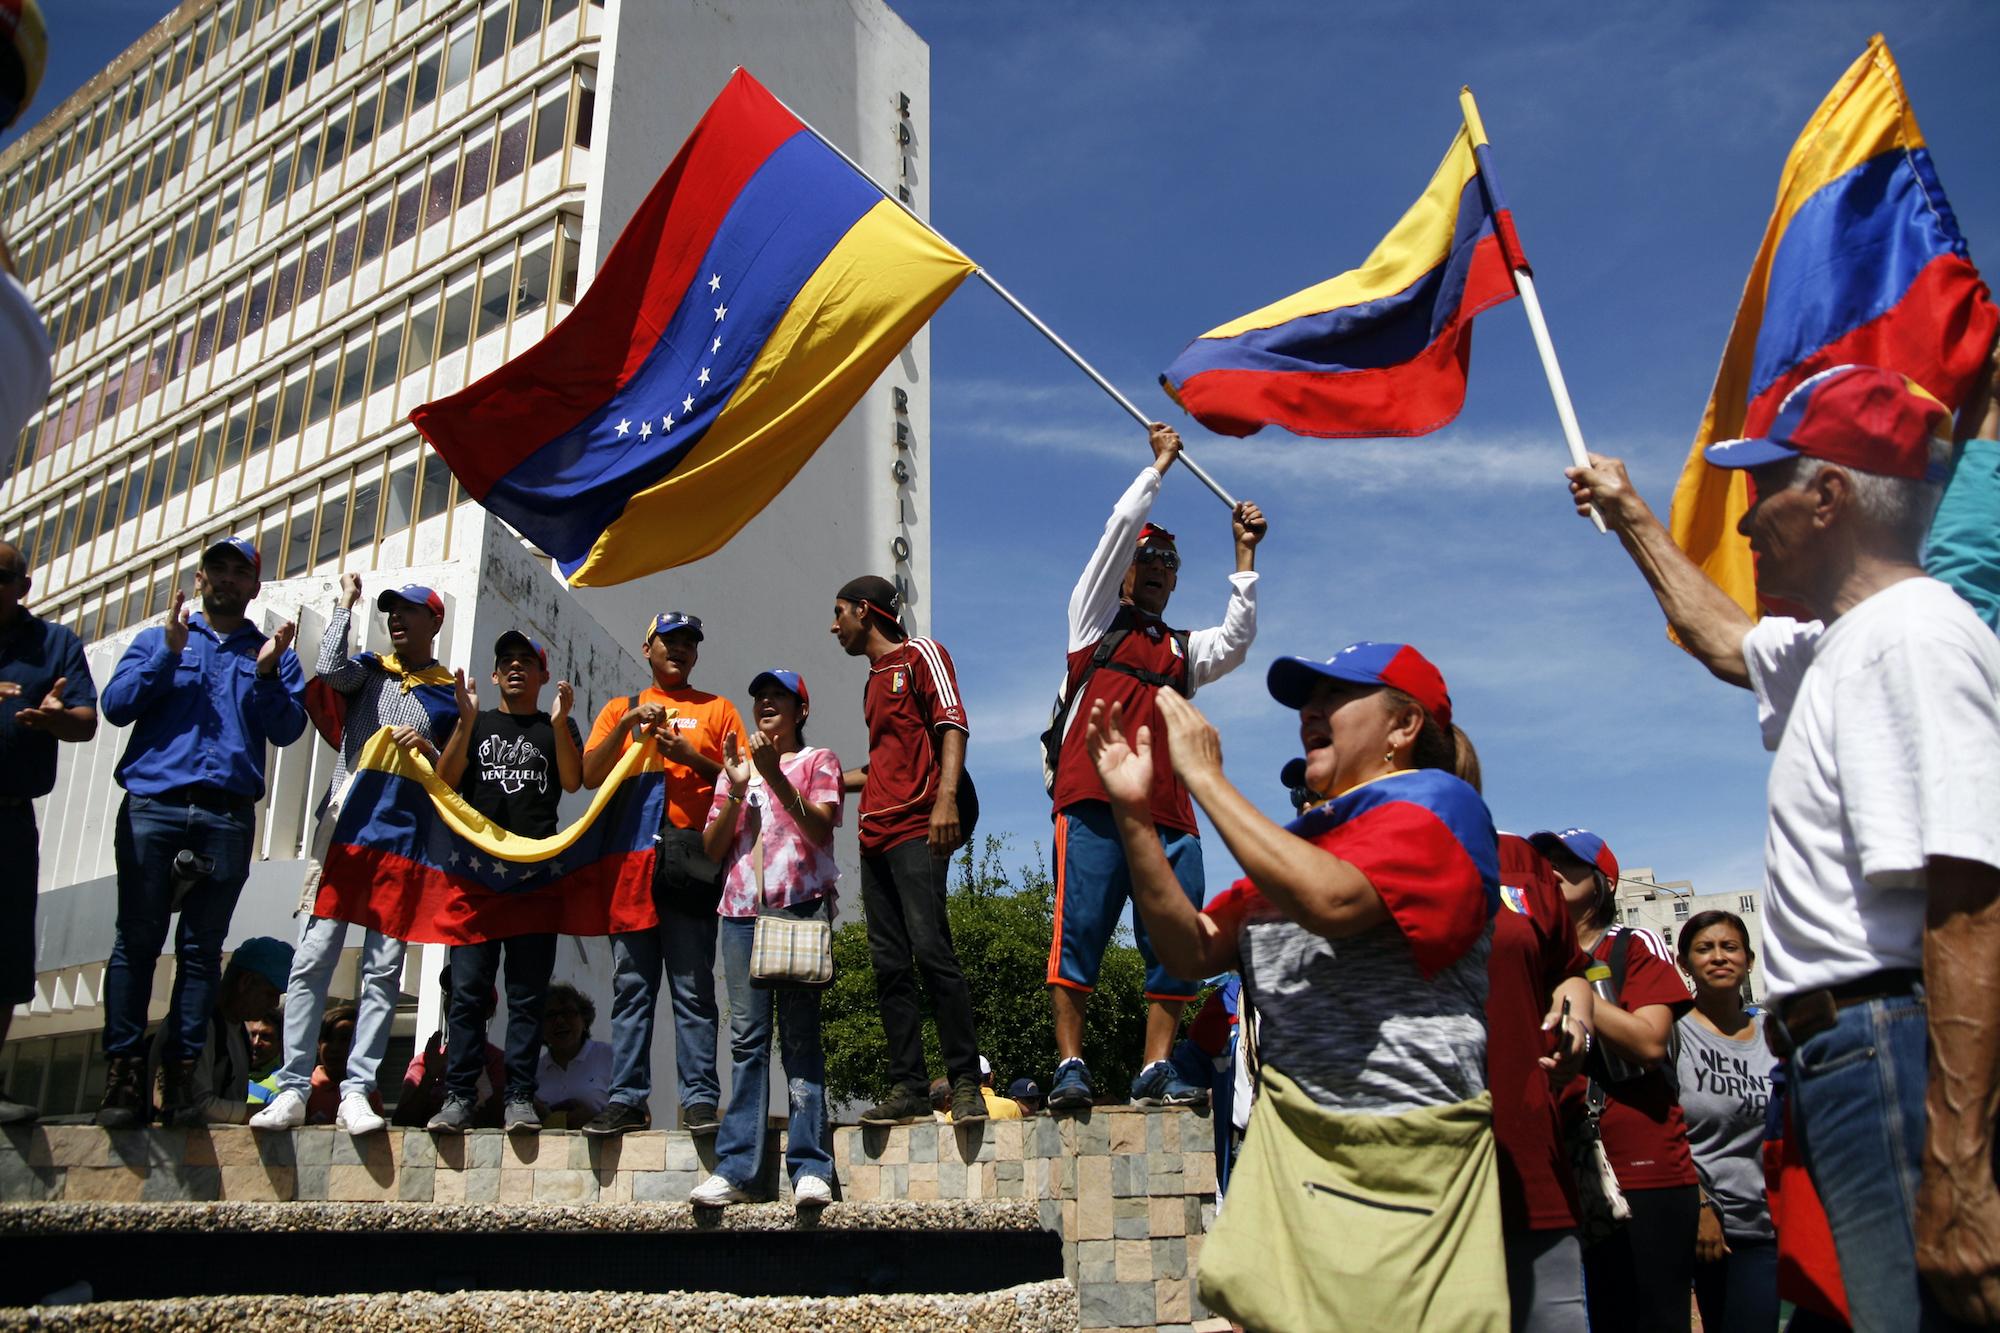 أنصار غوايدو يتظاهرون ضد مادورو في فنزويلا